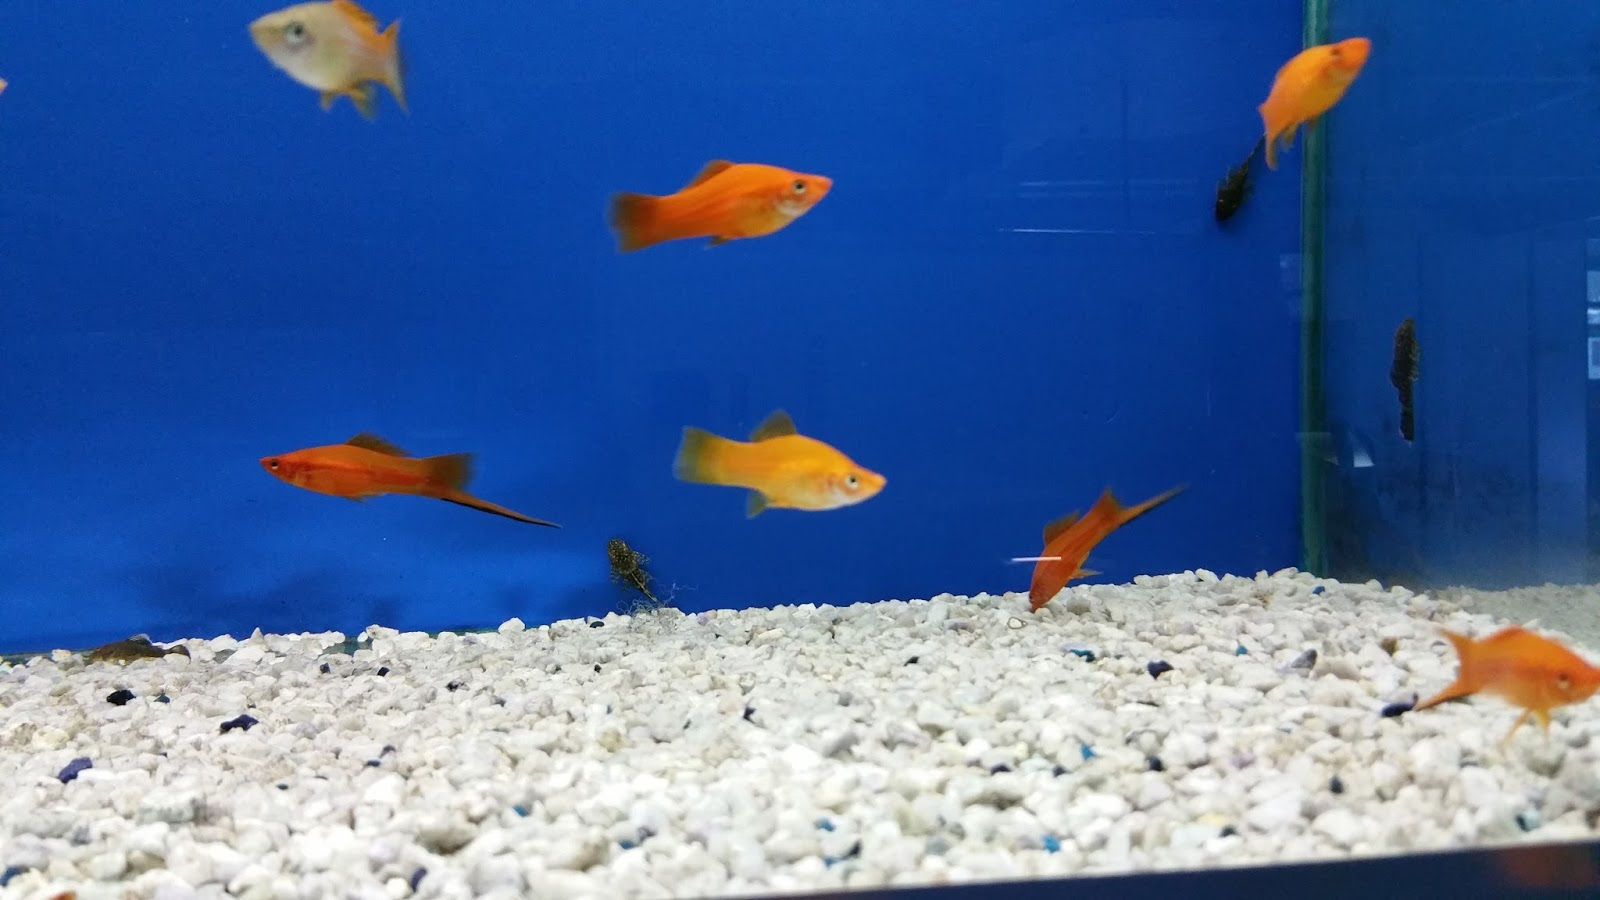 Acquario con pesci tropicali d acqua dolce idee per for Acquari nuovi in offerta